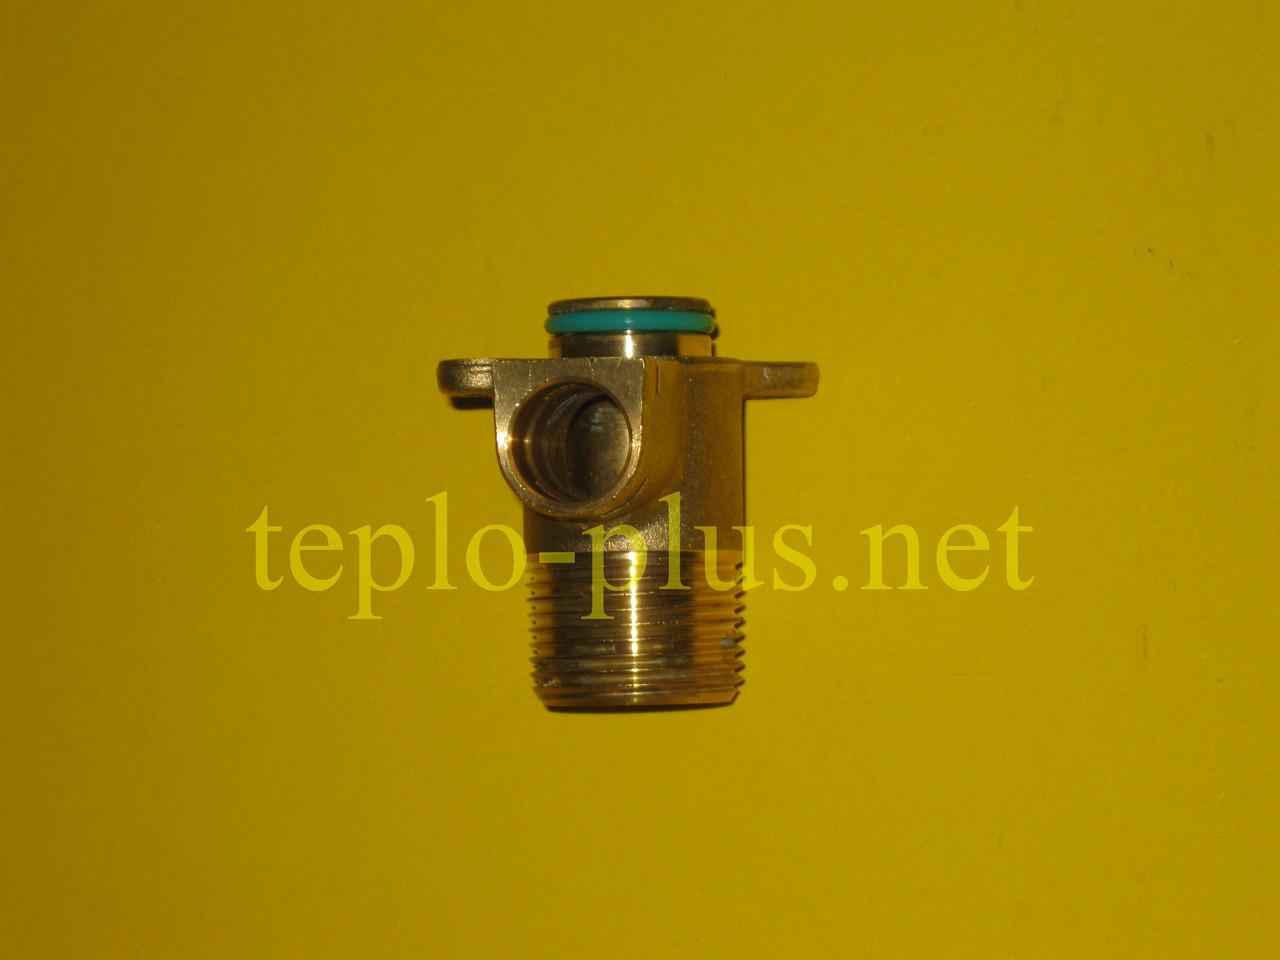 Обратное (возвратное) соединение Daewoo Gasboiler DGB-100, 130, 160, 200 MSC/MES